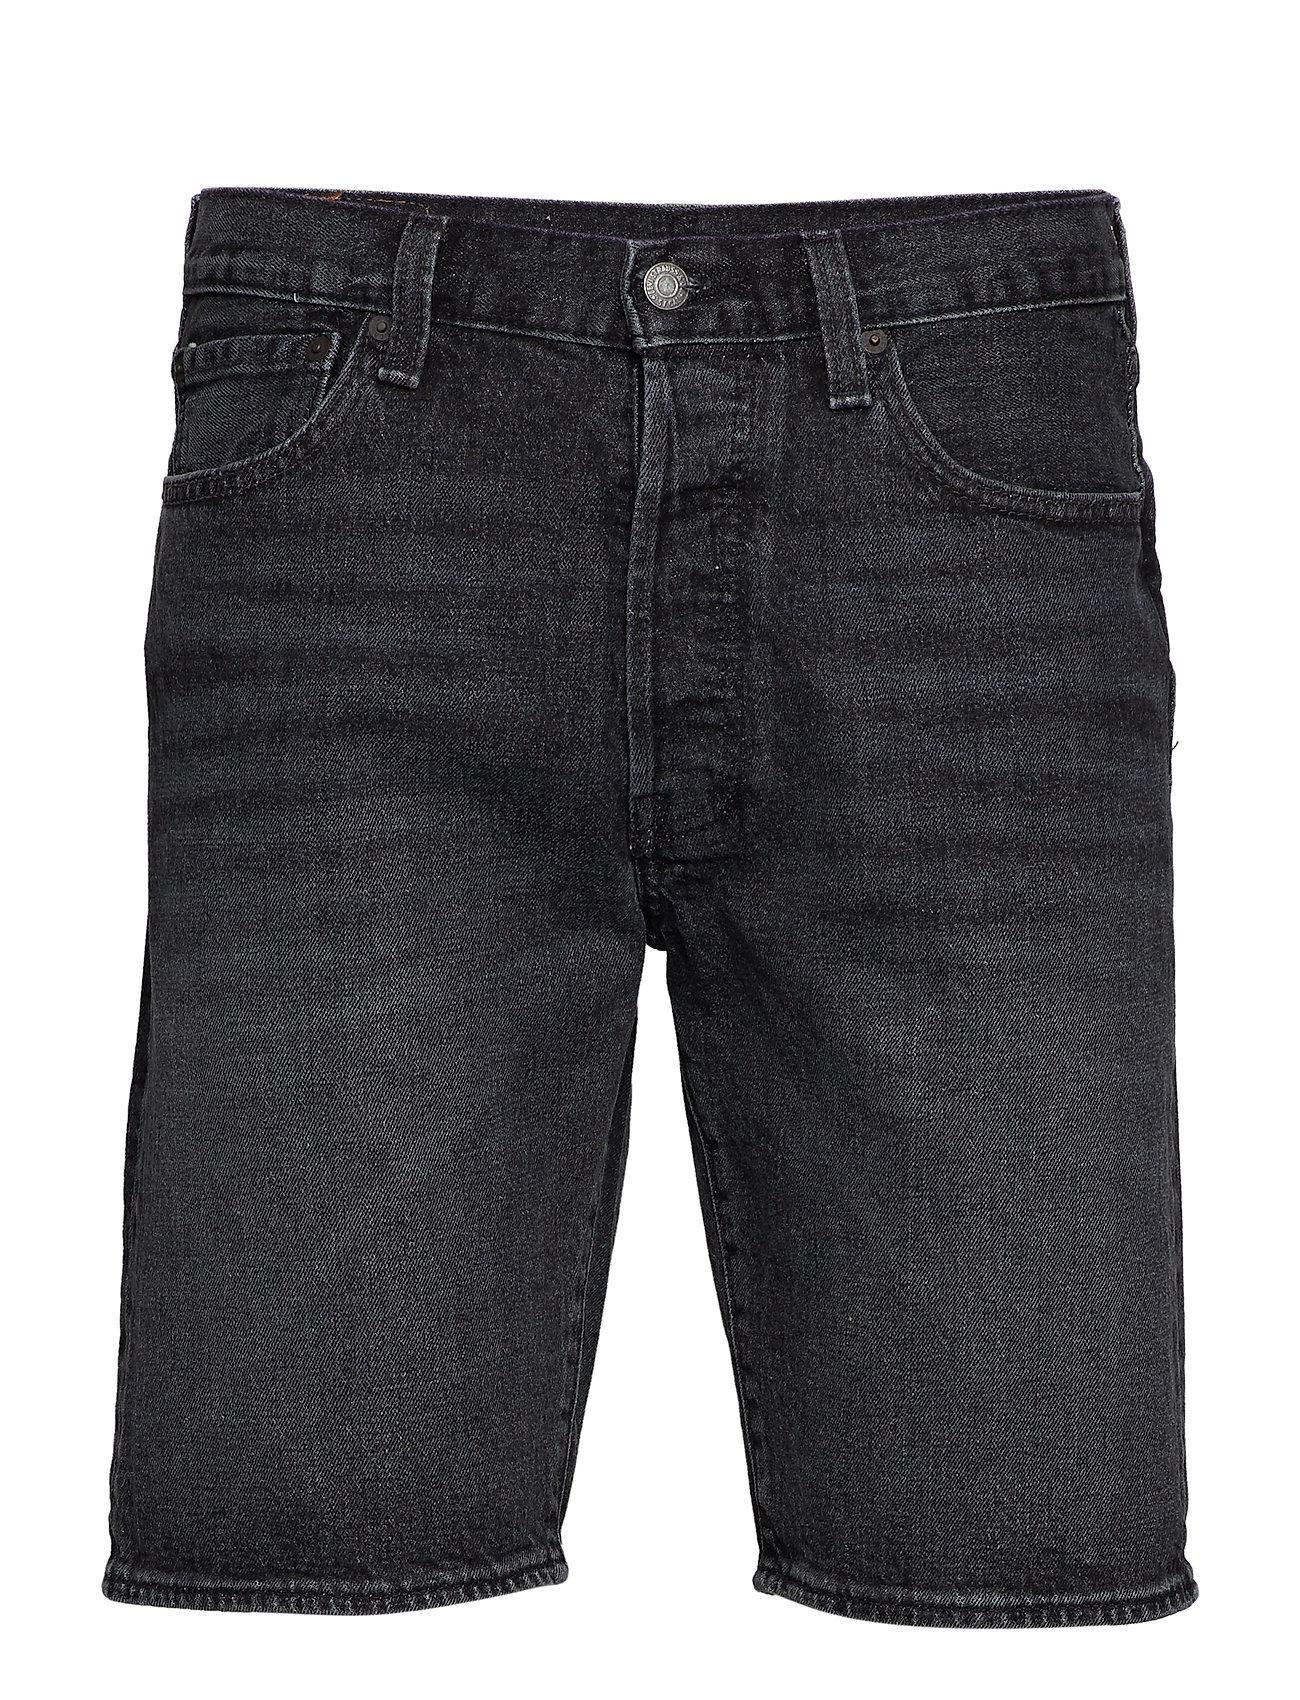 3a81b1dec2 501 Hemmed Short Plenty Short (Med Indigo - Worn In) (£44.80) - LEVI ...